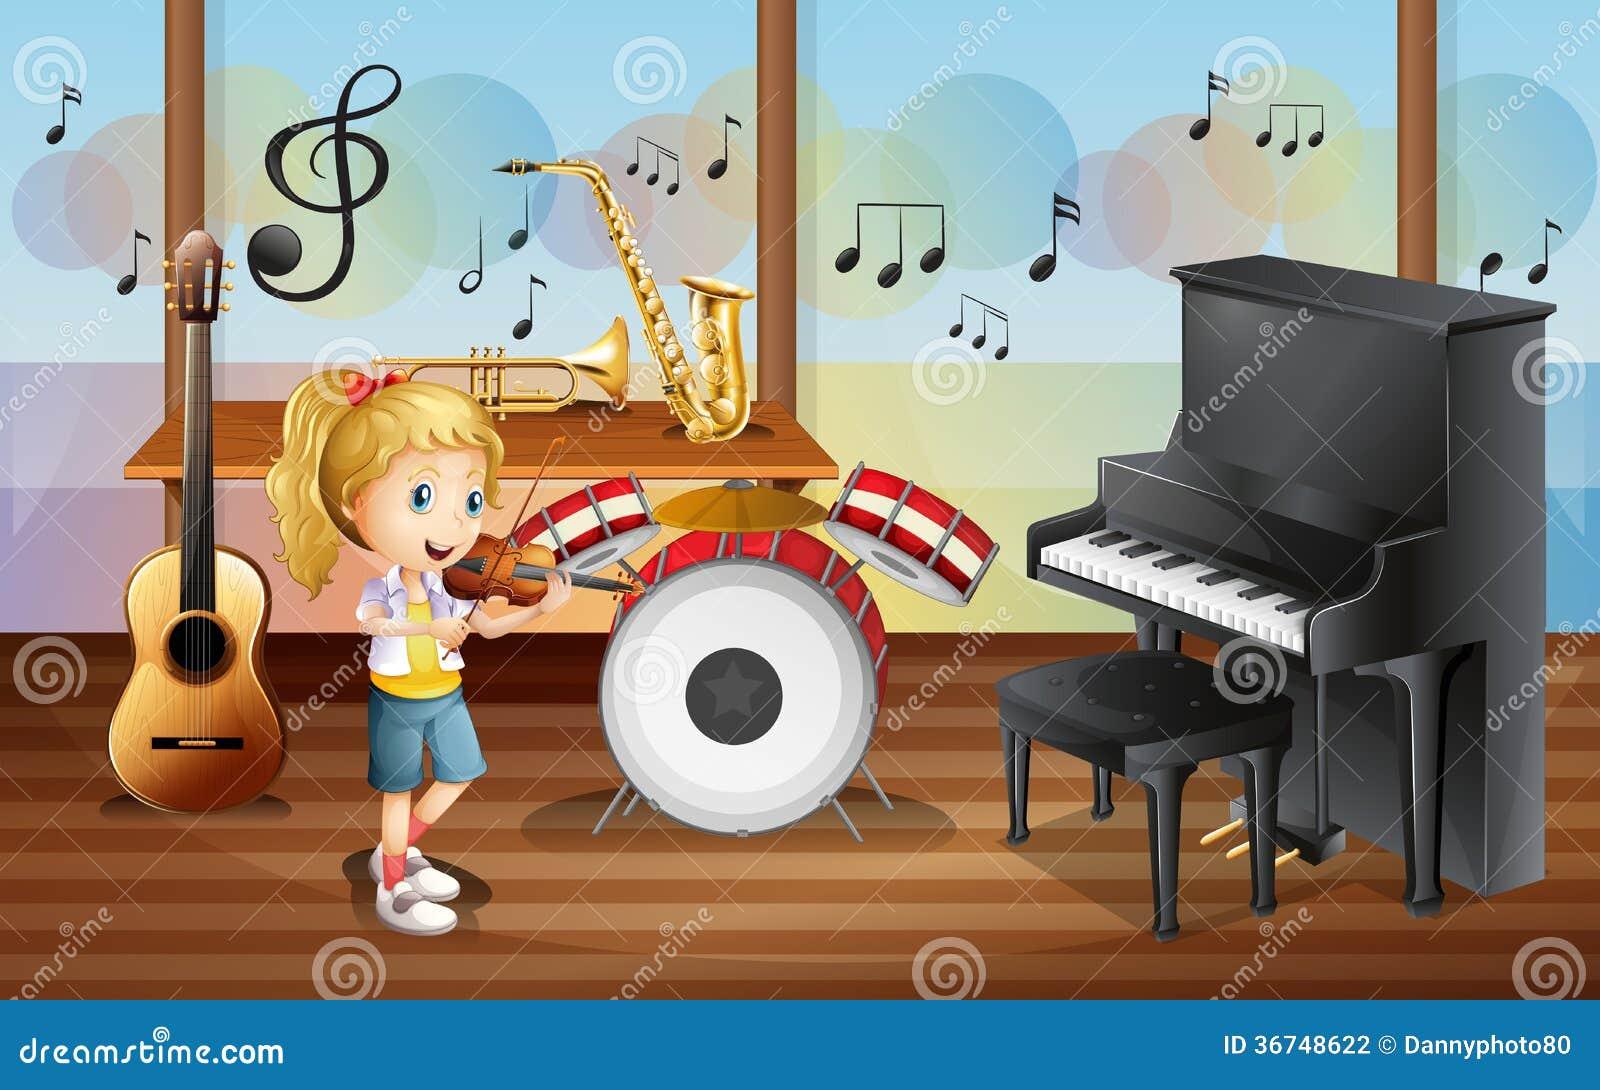 Een vrouwelijke musicus binnen de ruimte met muzikale instrumenten